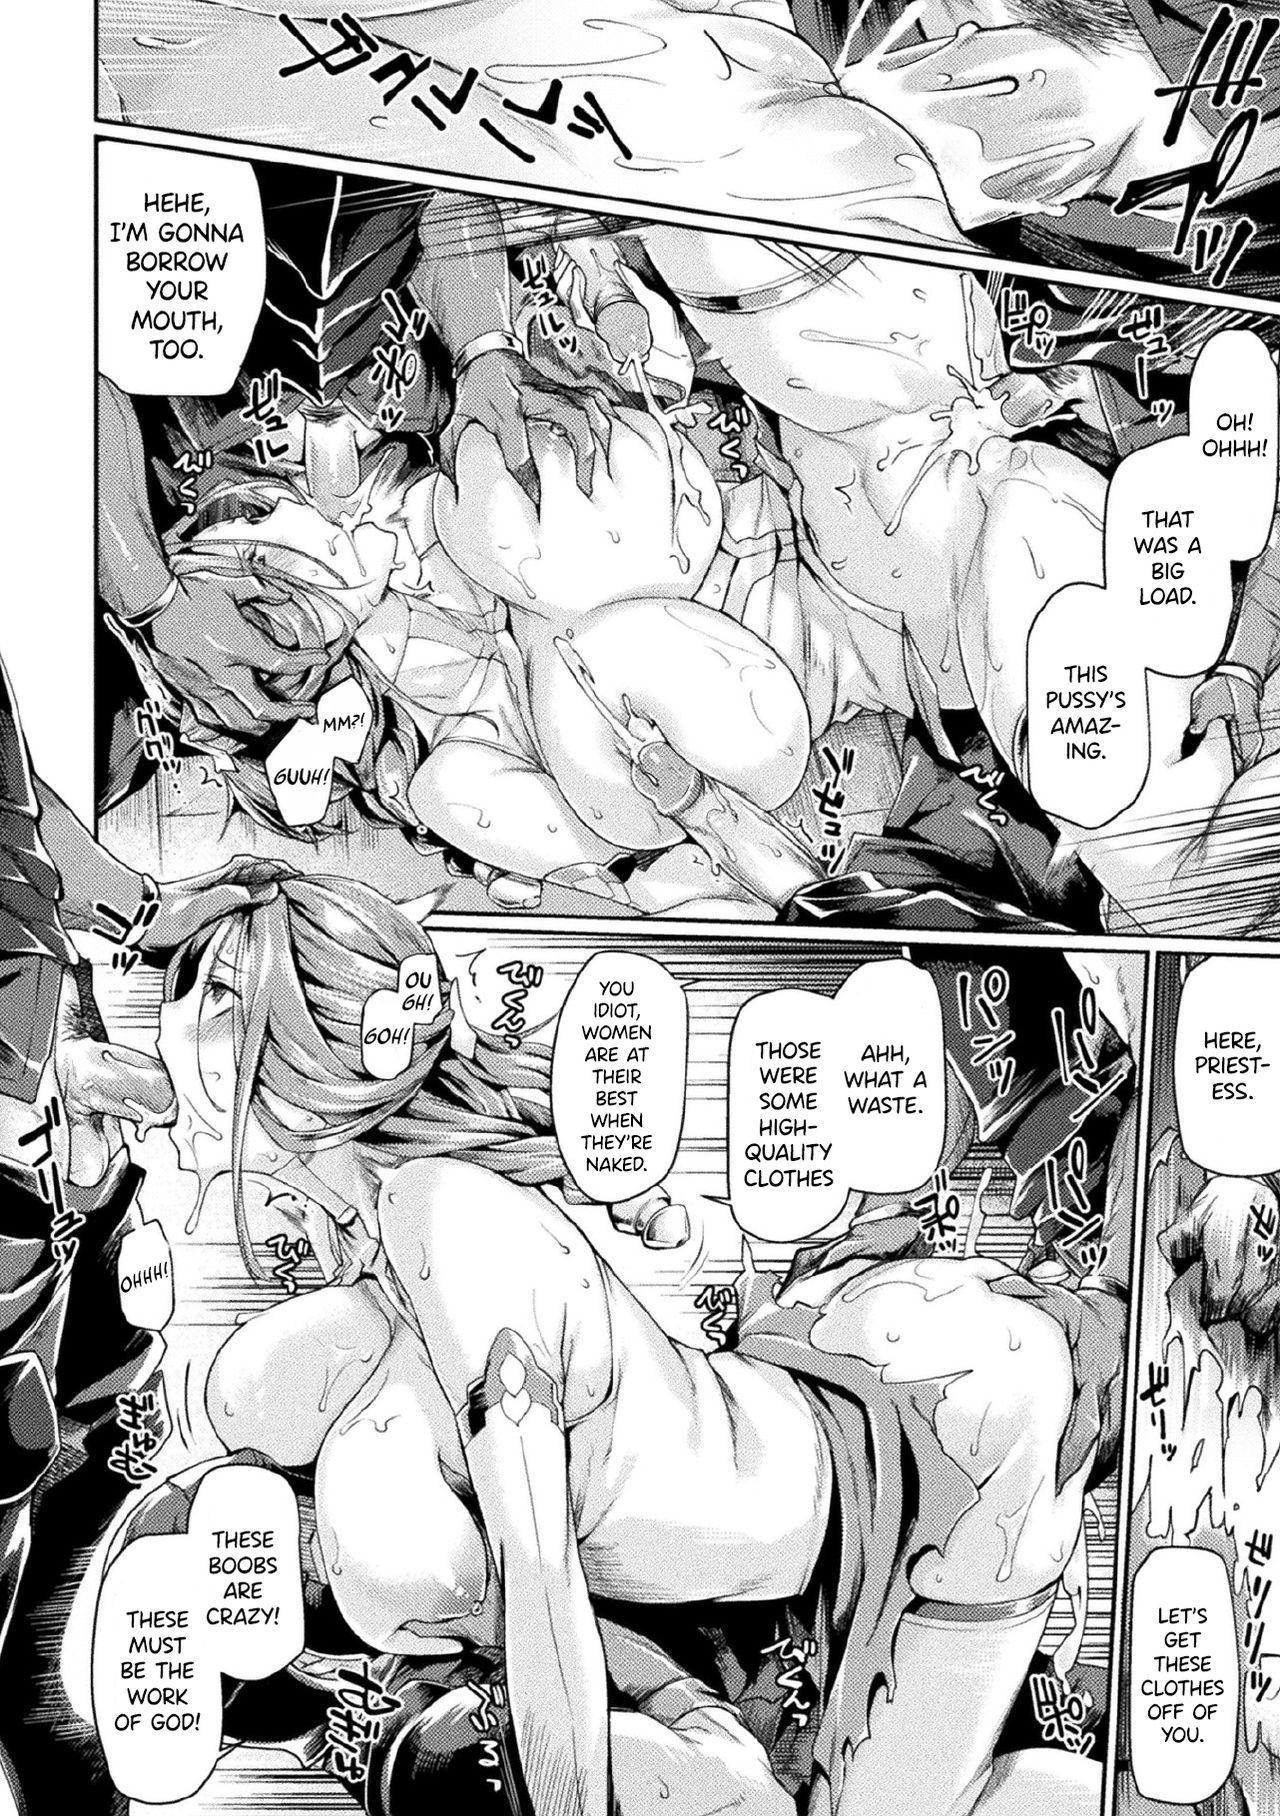 [Tsukitokage] Kuroinu II ~Inyoku ni Somaru Haitoku no Miyako, Futatabi~ THE COMIC Chapter 2 (Haiboku Otome Ecstasy Vol. 21) [English] {Hennojin} [Decensored] [Digital] 9